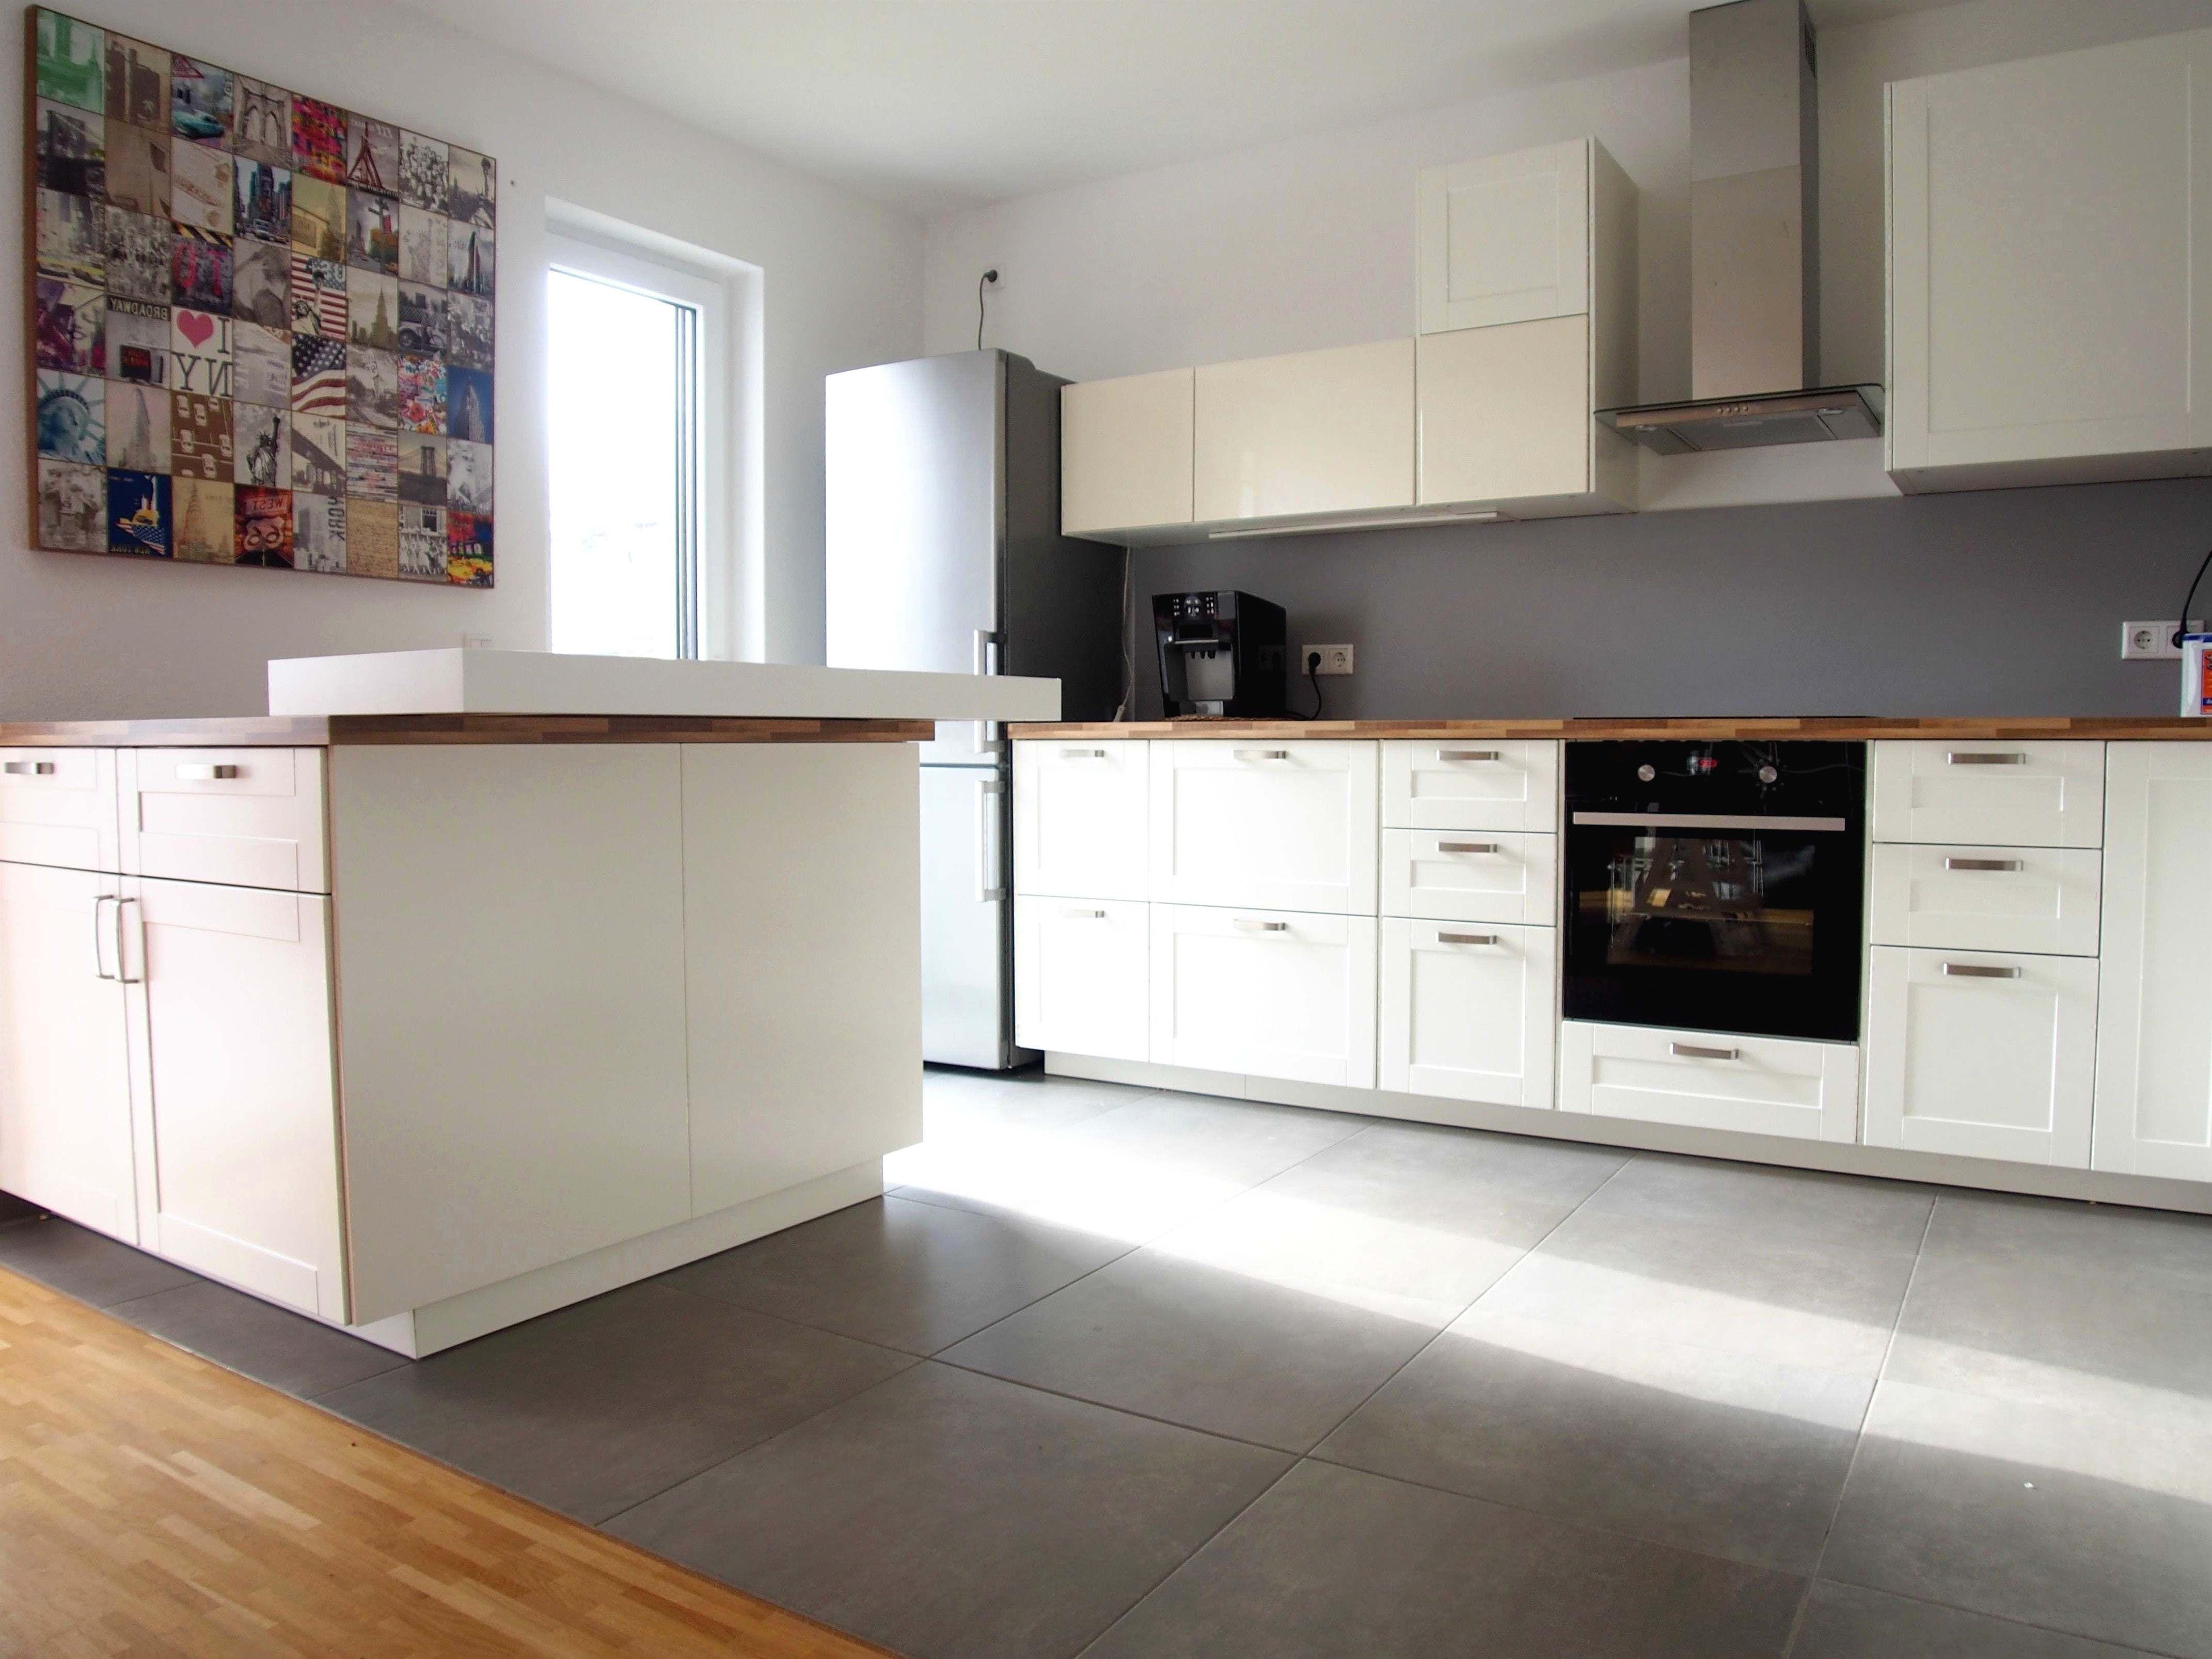 46 Schon Wandgestaltung Kuche Beispiele Kitchen Kitchen Decor